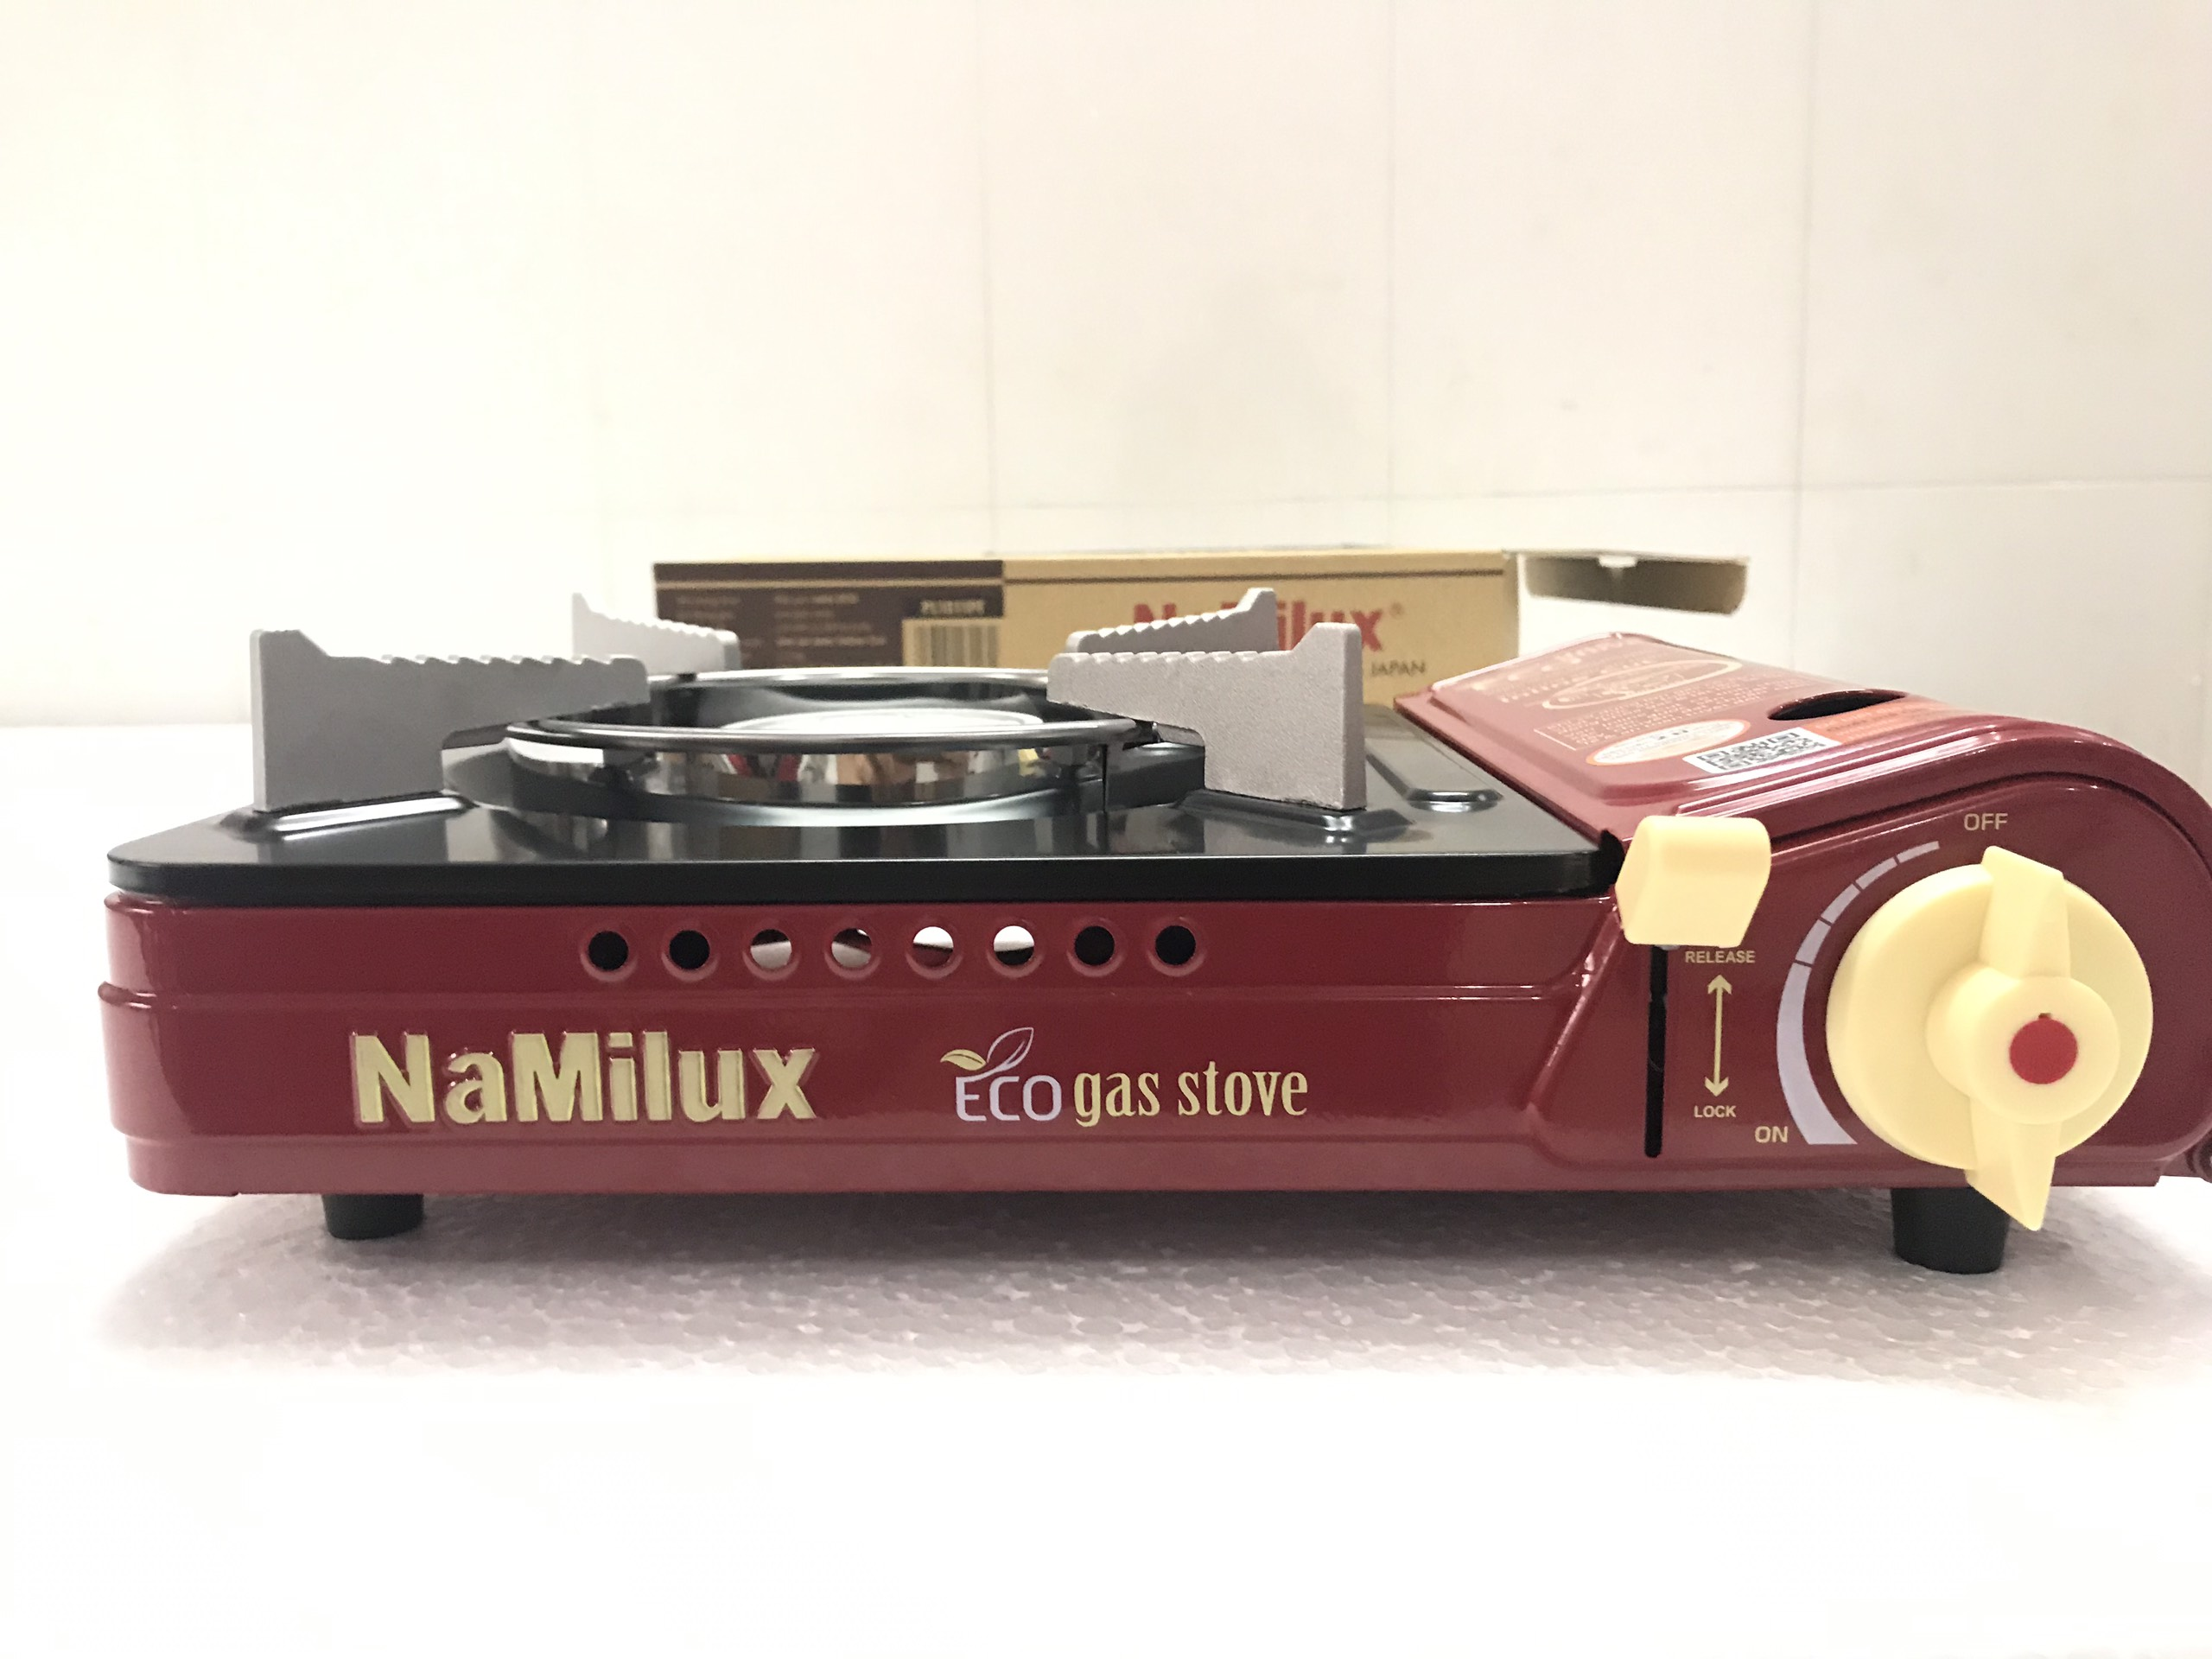 Bếp ga mini Namilux PL-1911PF nhỏ gọn tiện lợi khi đi du lịch (Màu ngẫu nhiên)-Hàng Chính Hãng